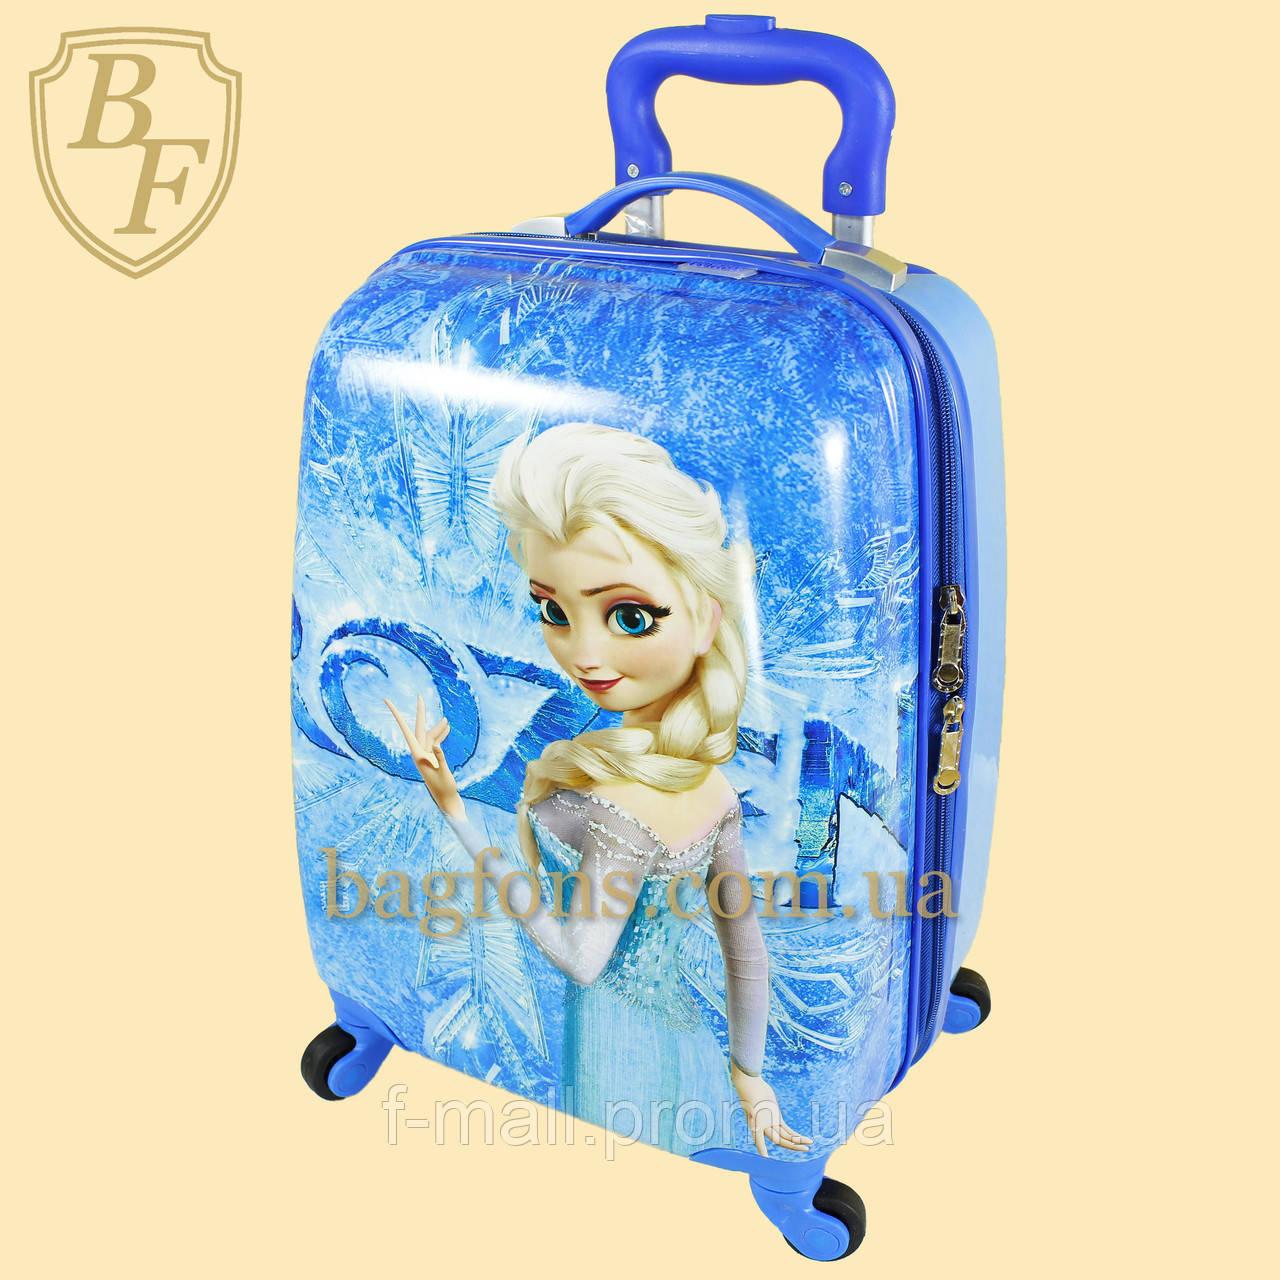 Детский чемодан Frozen (Холодное сердце )